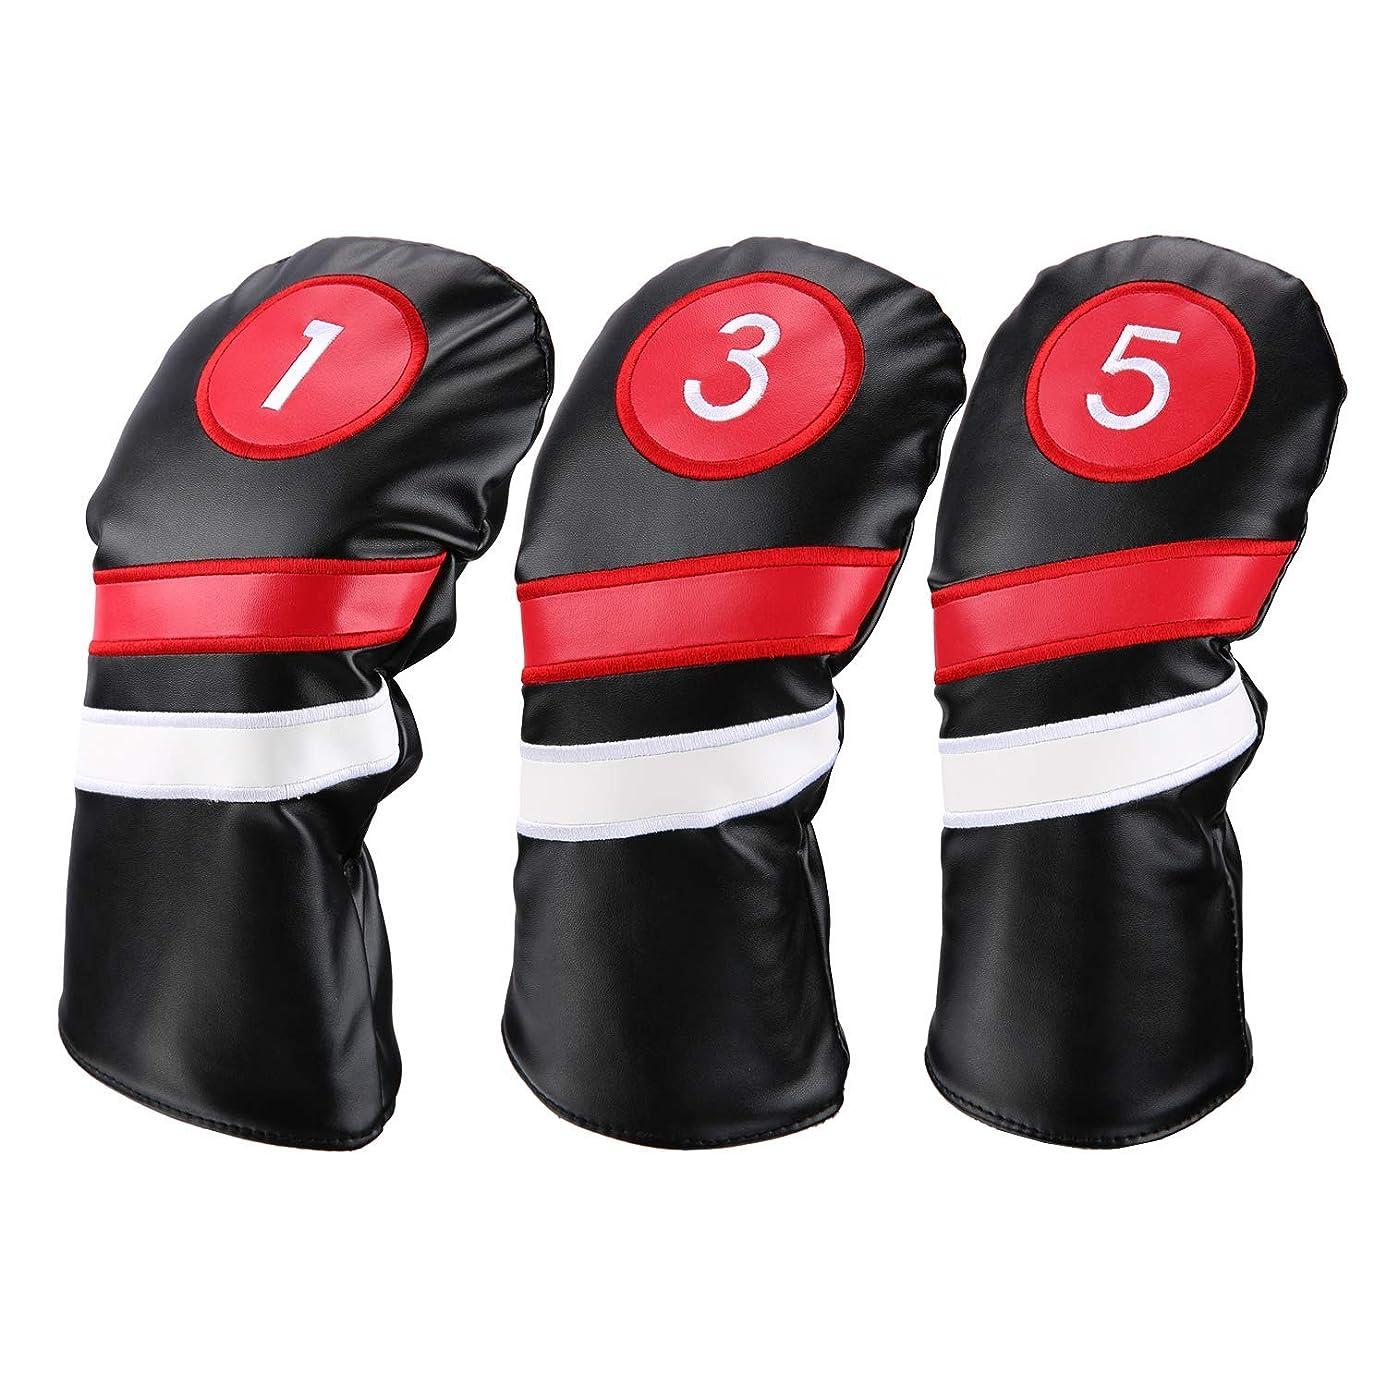 ワーム前部不正確LONGCHAO ゴルフウッドカバー Golf head covers ヘッドカバー クラブカバー ウッドカバー ドライバー 新デザイン 交換可能な番号タグ付き 3個セット